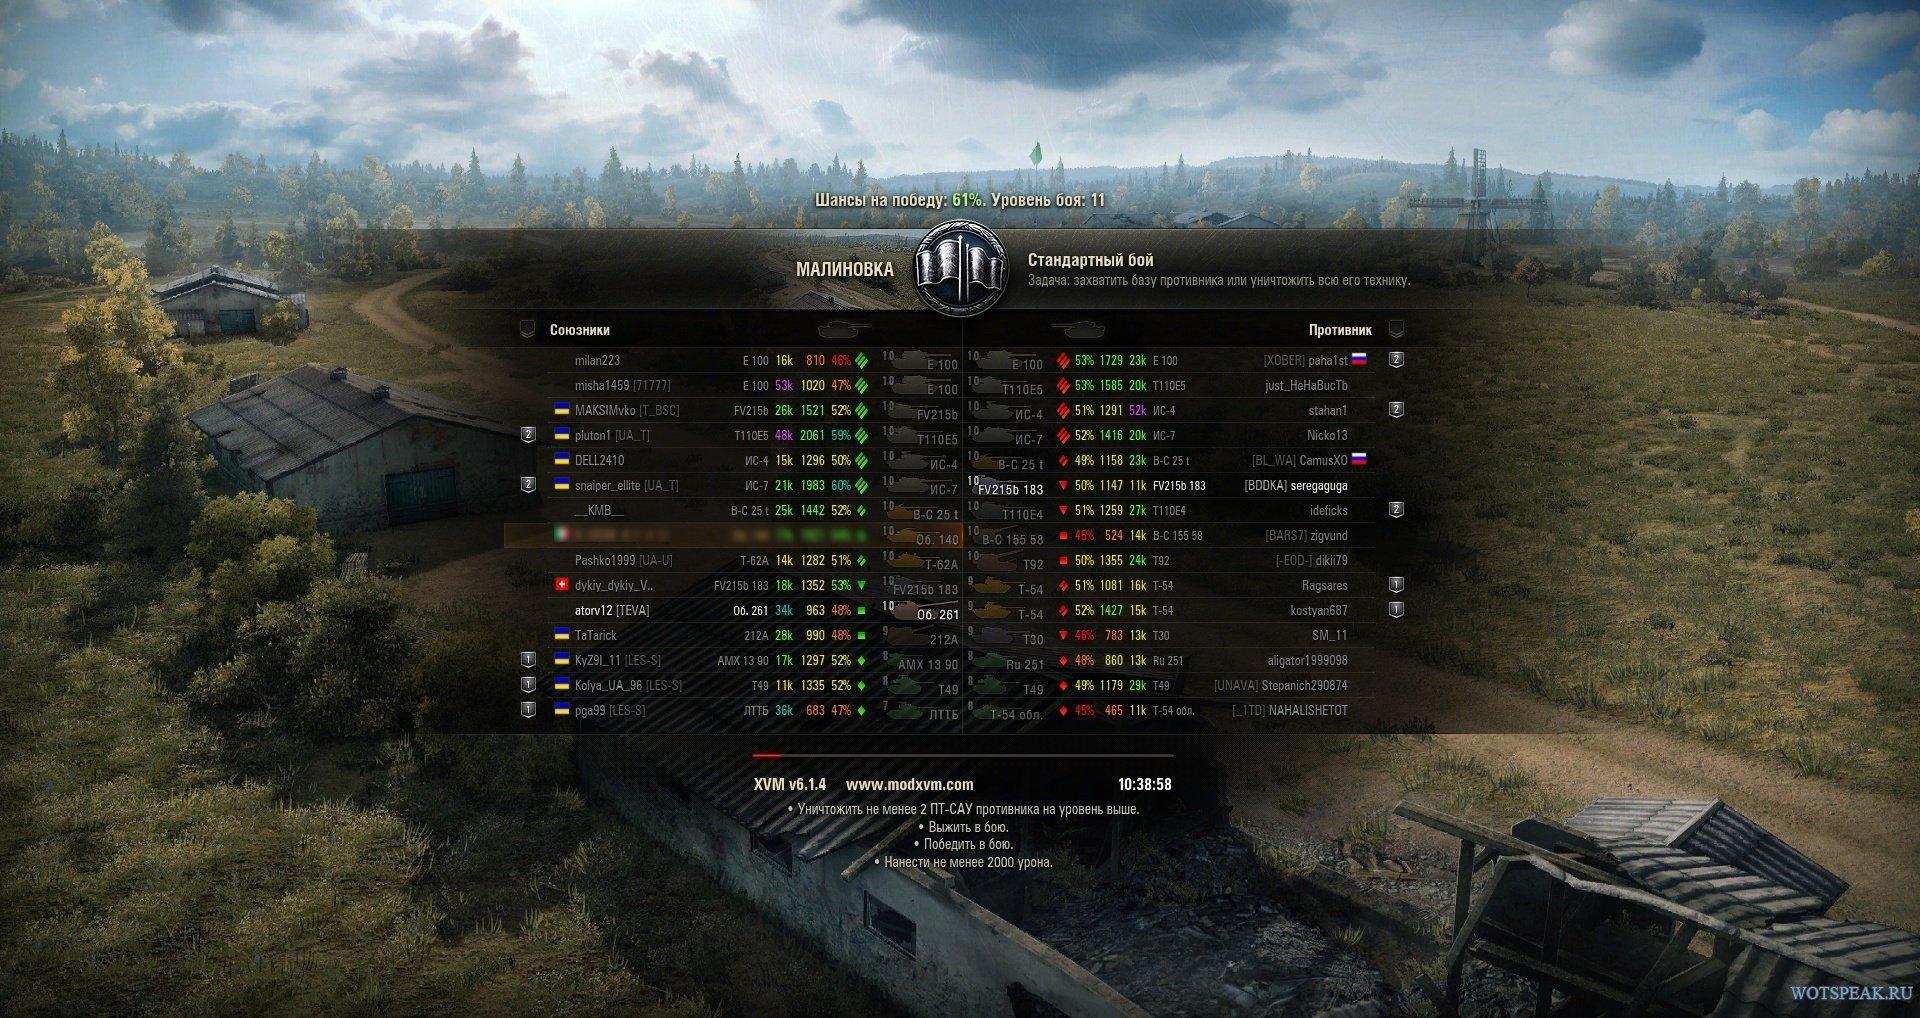 скачать моды ворлд оф танкс 9 10